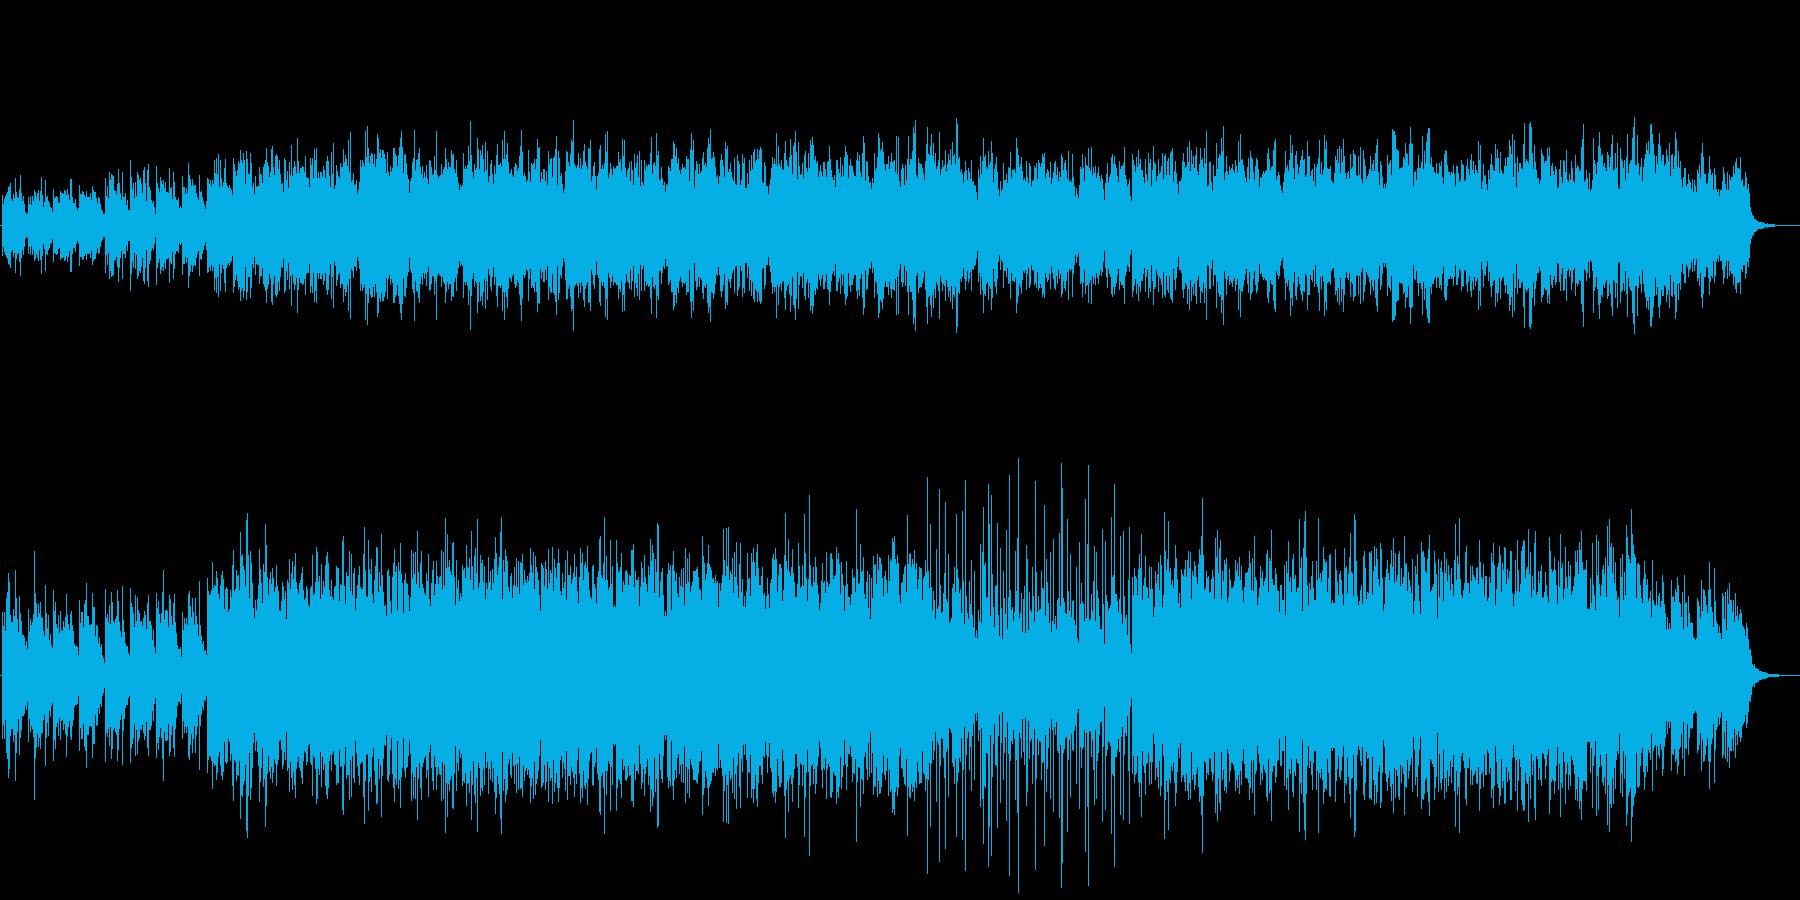 ミニマルなRPG等に使用できるBGMの再生済みの波形